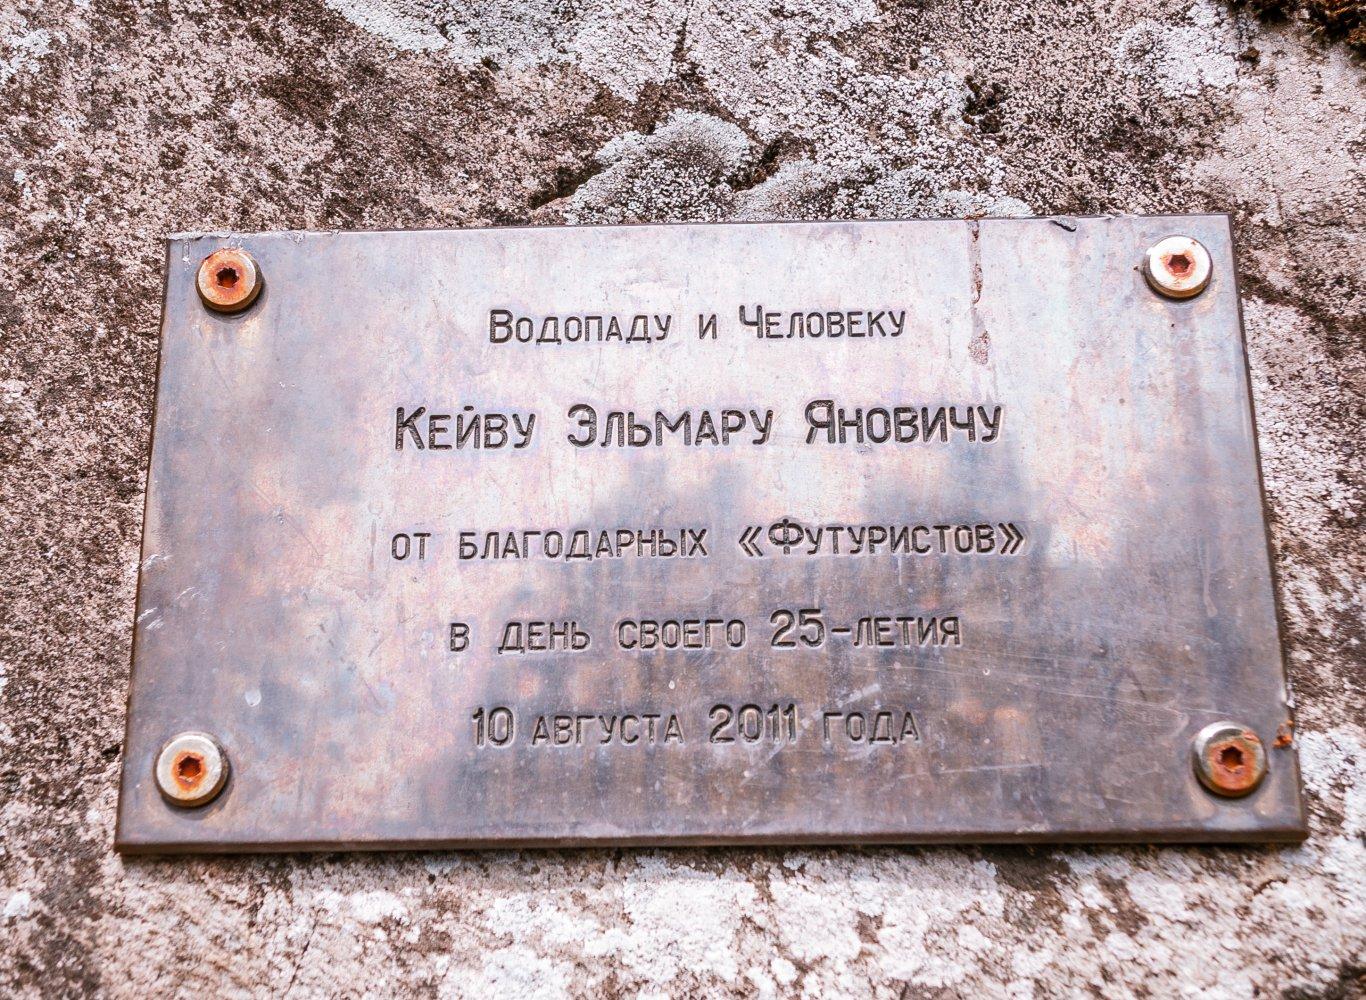 Фото Водопаду и человеку. Россия, Краснодарский край, Красная Поляна, Unnamed Road